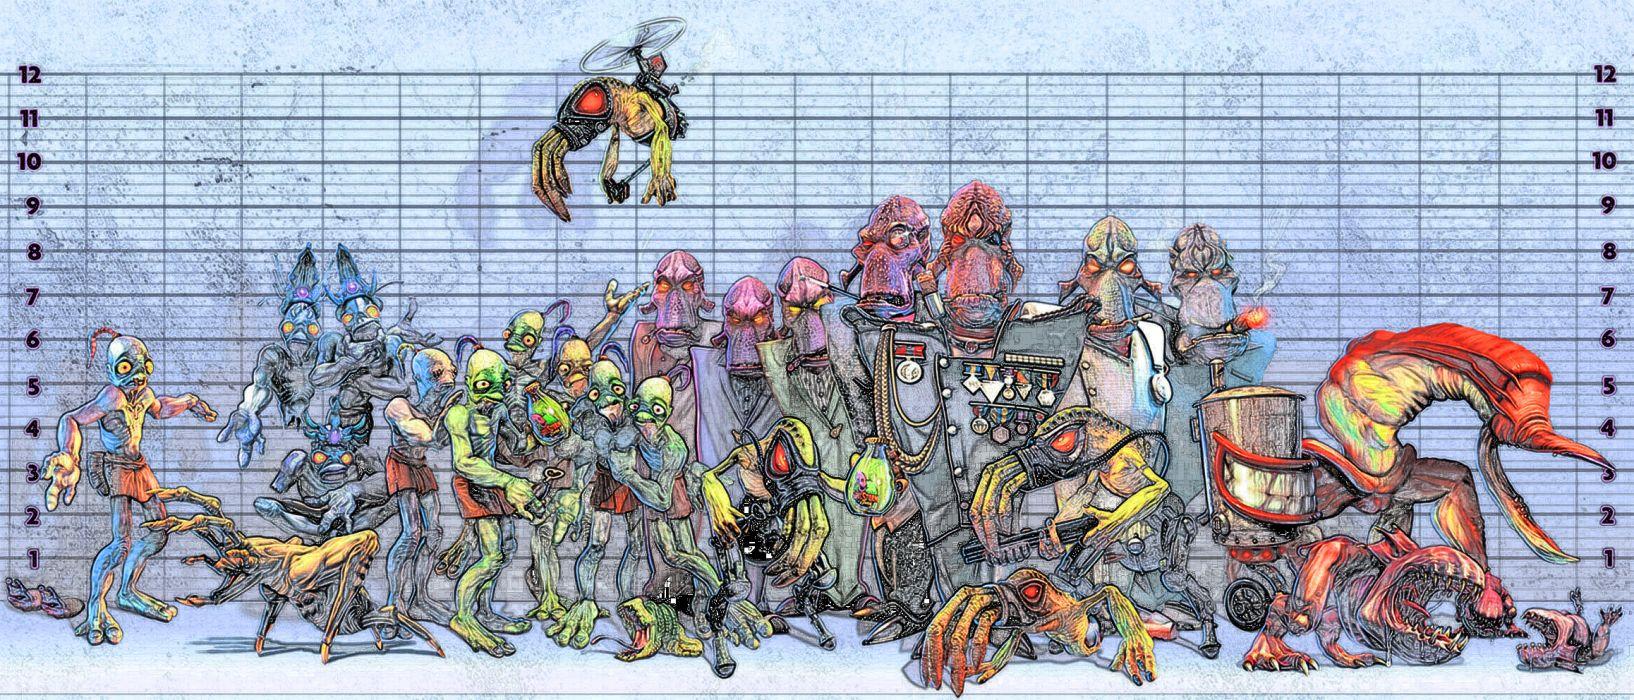 ODDWORLD sci-fi game alien   e wallpaper